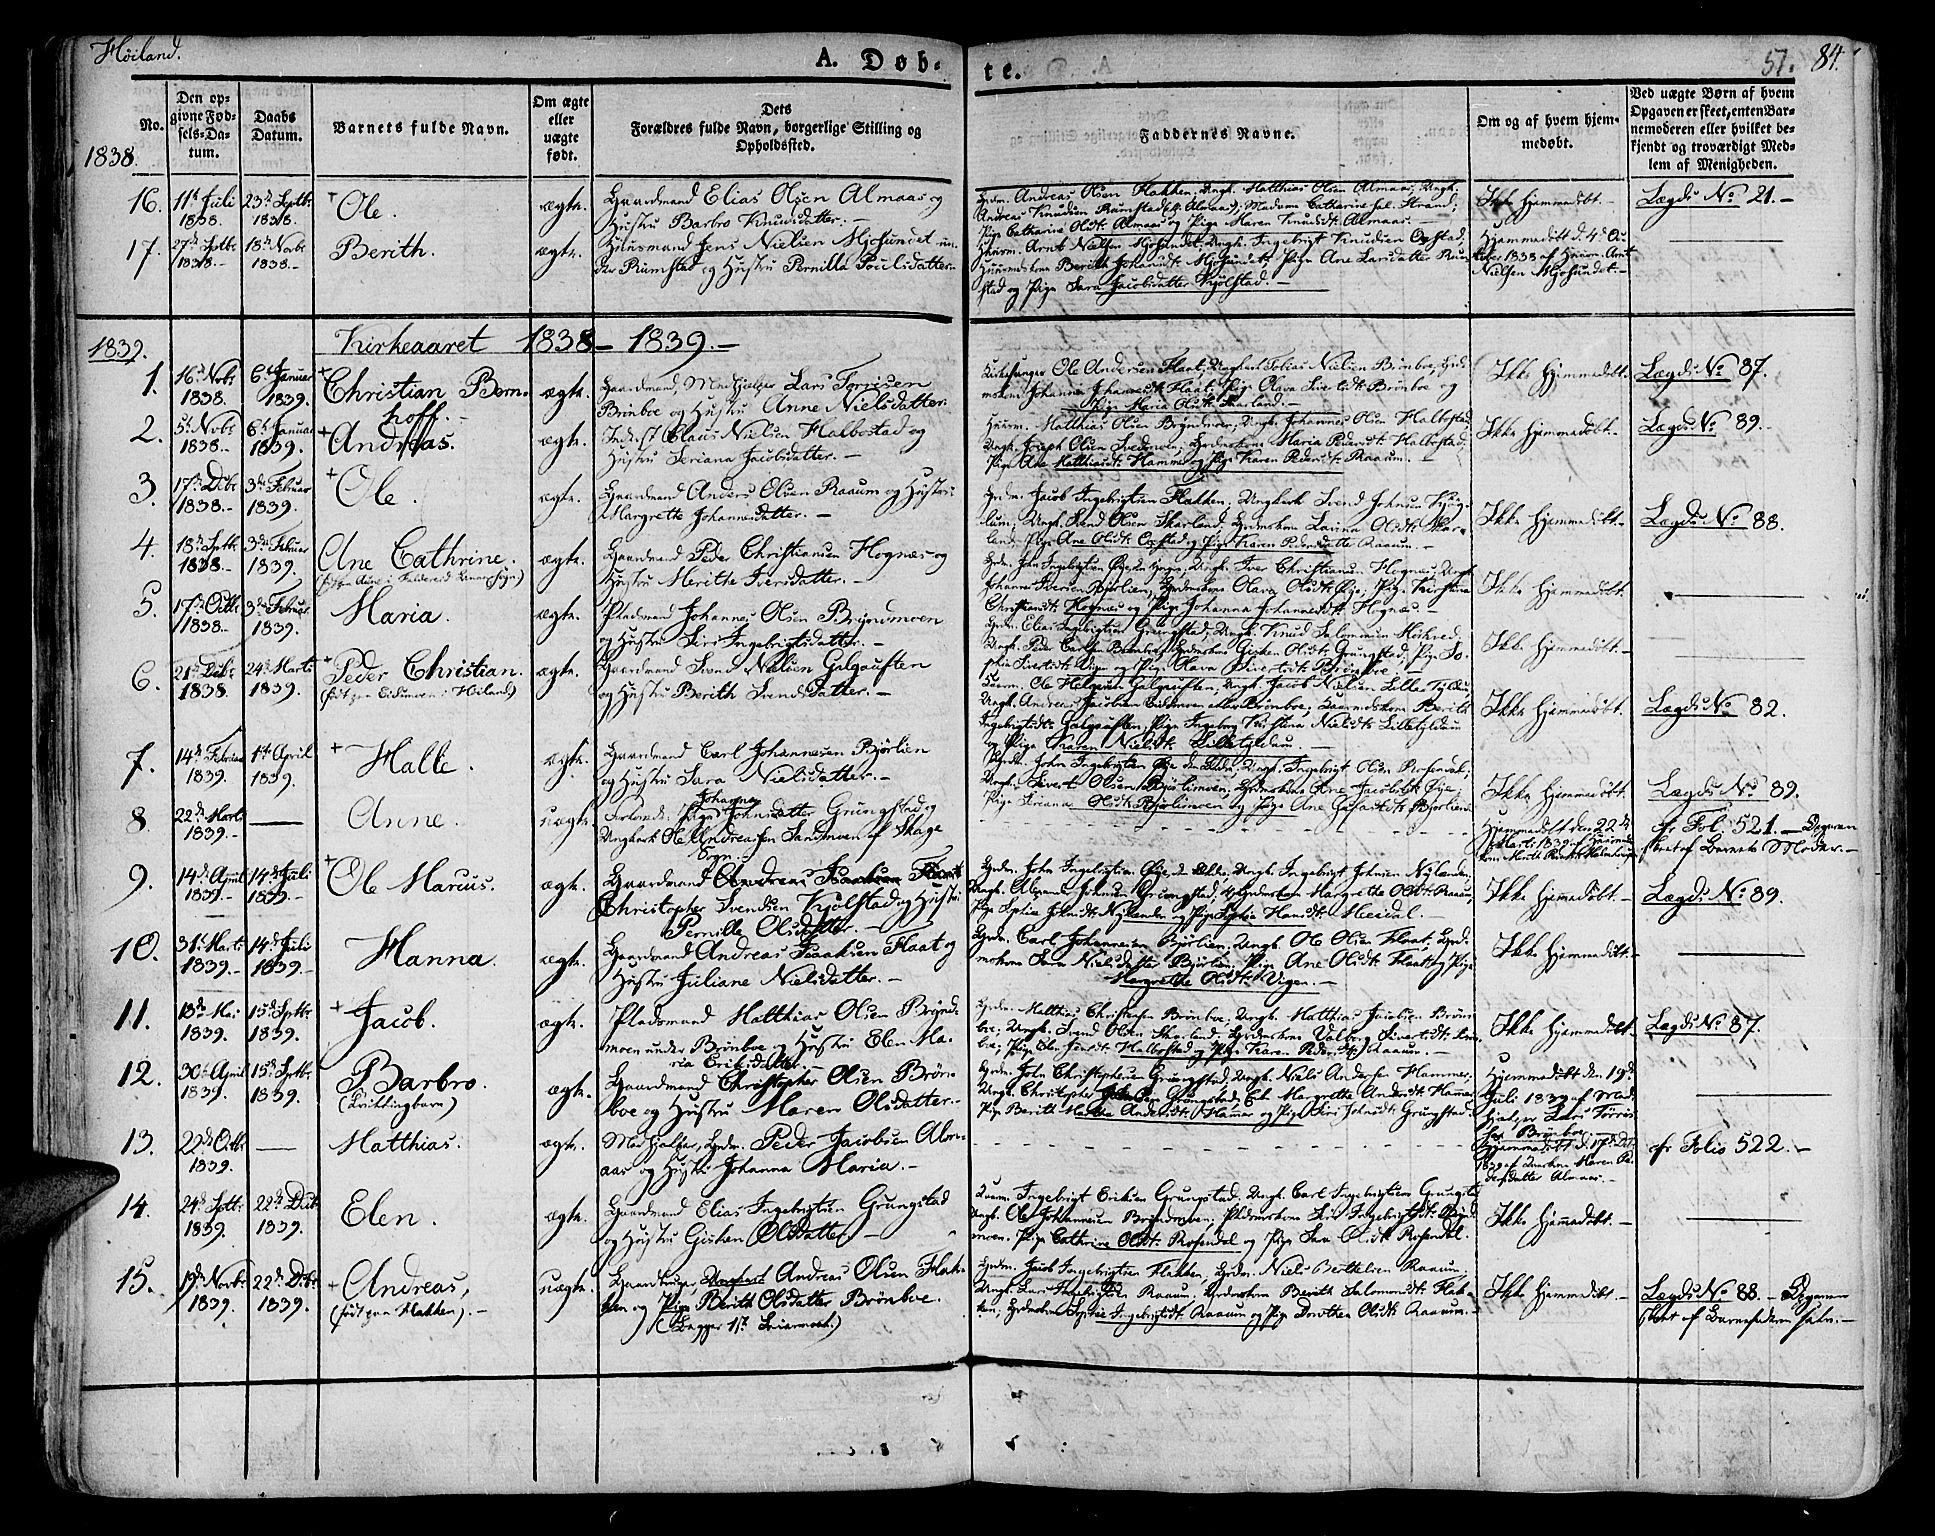 SAT, Ministerialprotokoller, klokkerbøker og fødselsregistre - Nord-Trøndelag, 758/L0510: Ministerialbok nr. 758A01 /2, 1821-1841, s. 51